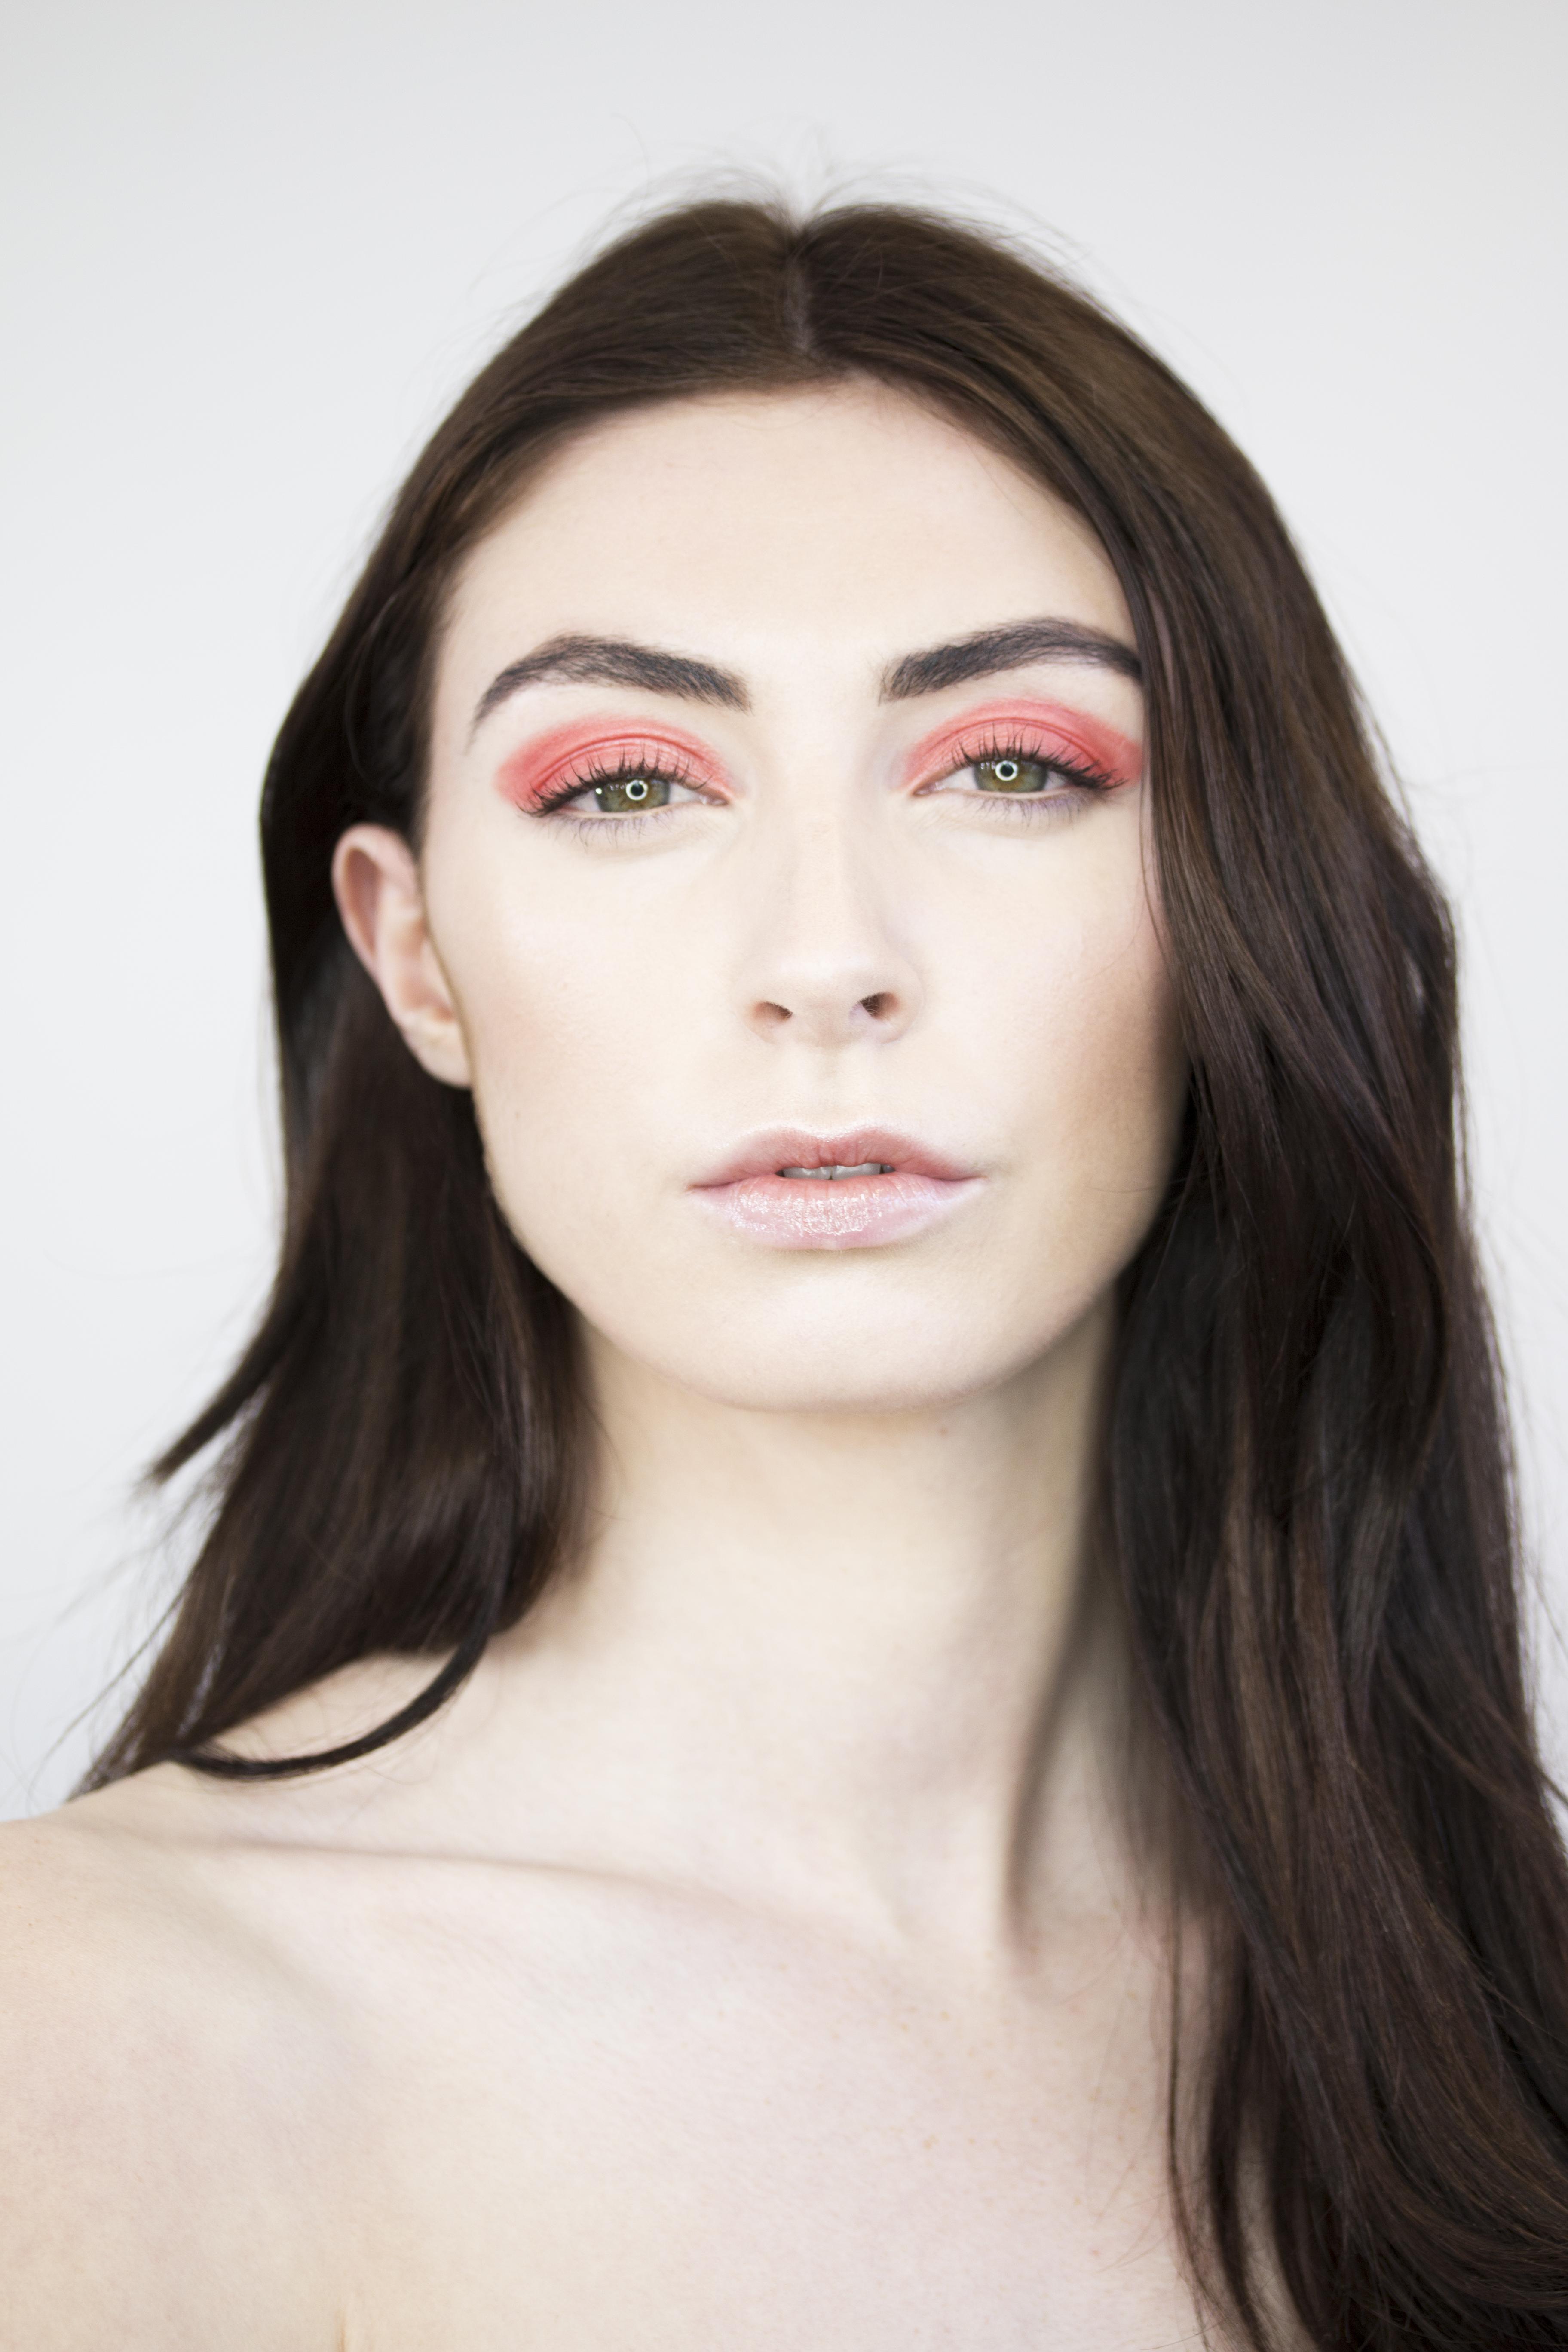 Makeup and hair, Elisa Nunes, makeup artist